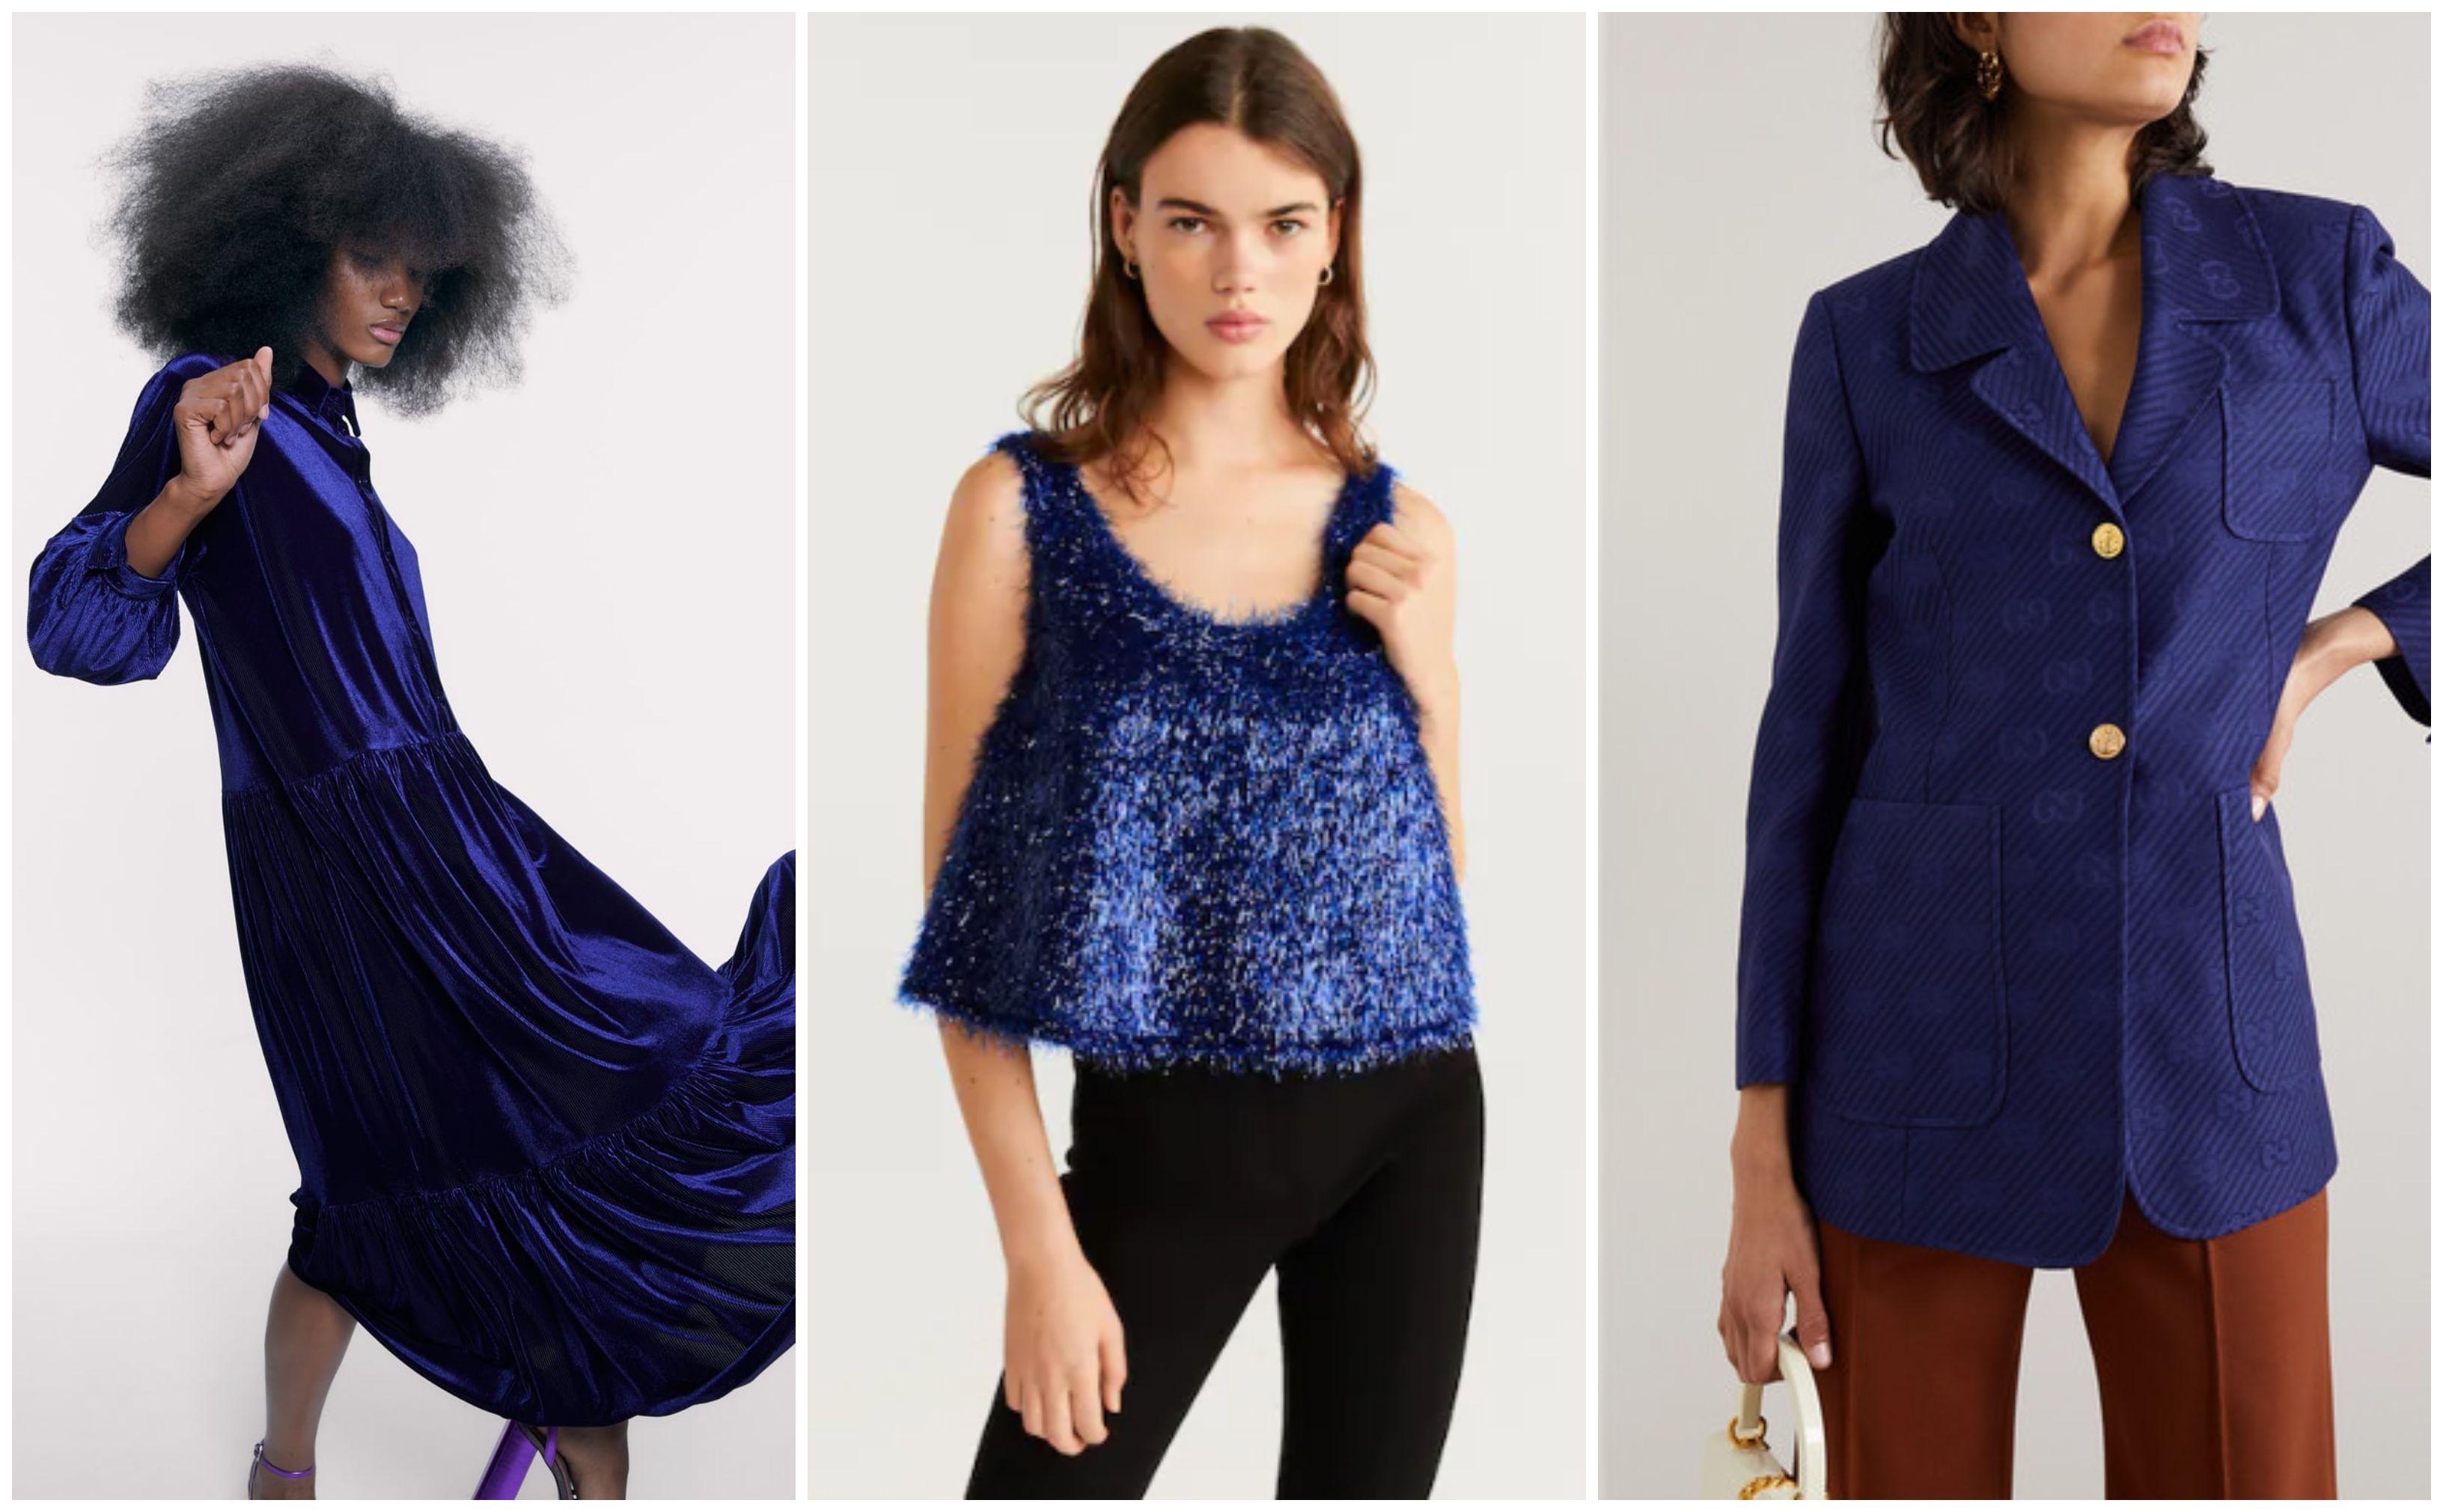 Izdvojili smo najljepše odjevne komade u tamnoplavoj boji koja će dominirati u nadolazećoj sezoni